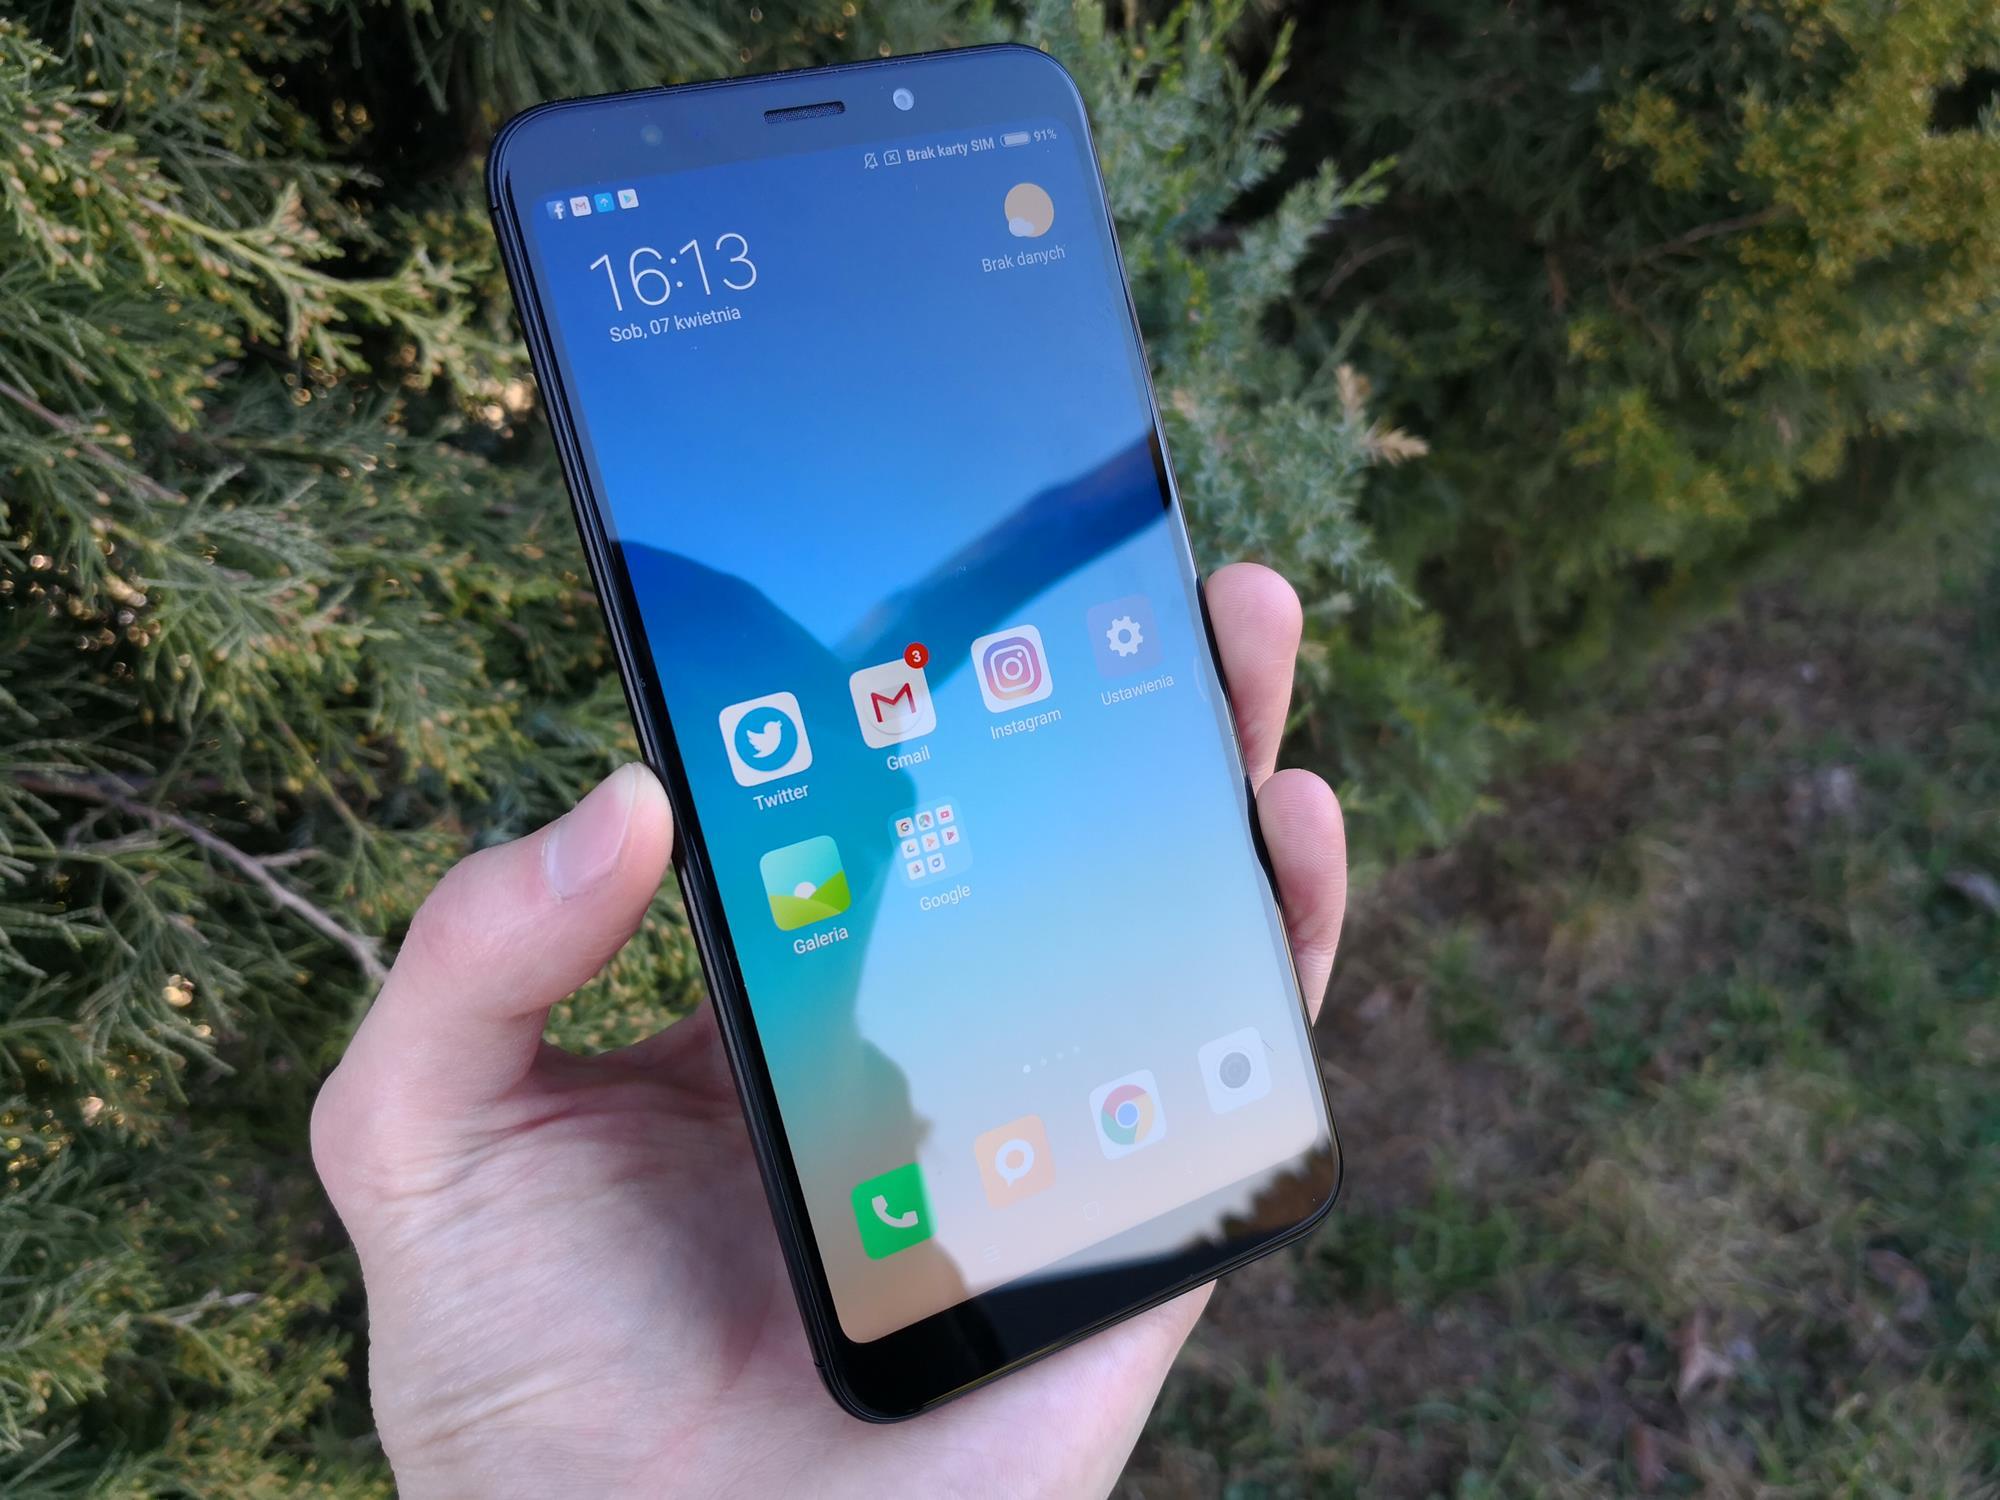 Tabletowo Recenzja Xiaomi Redmi 5 Plus Dawno nie używałem smartfona z aż tak